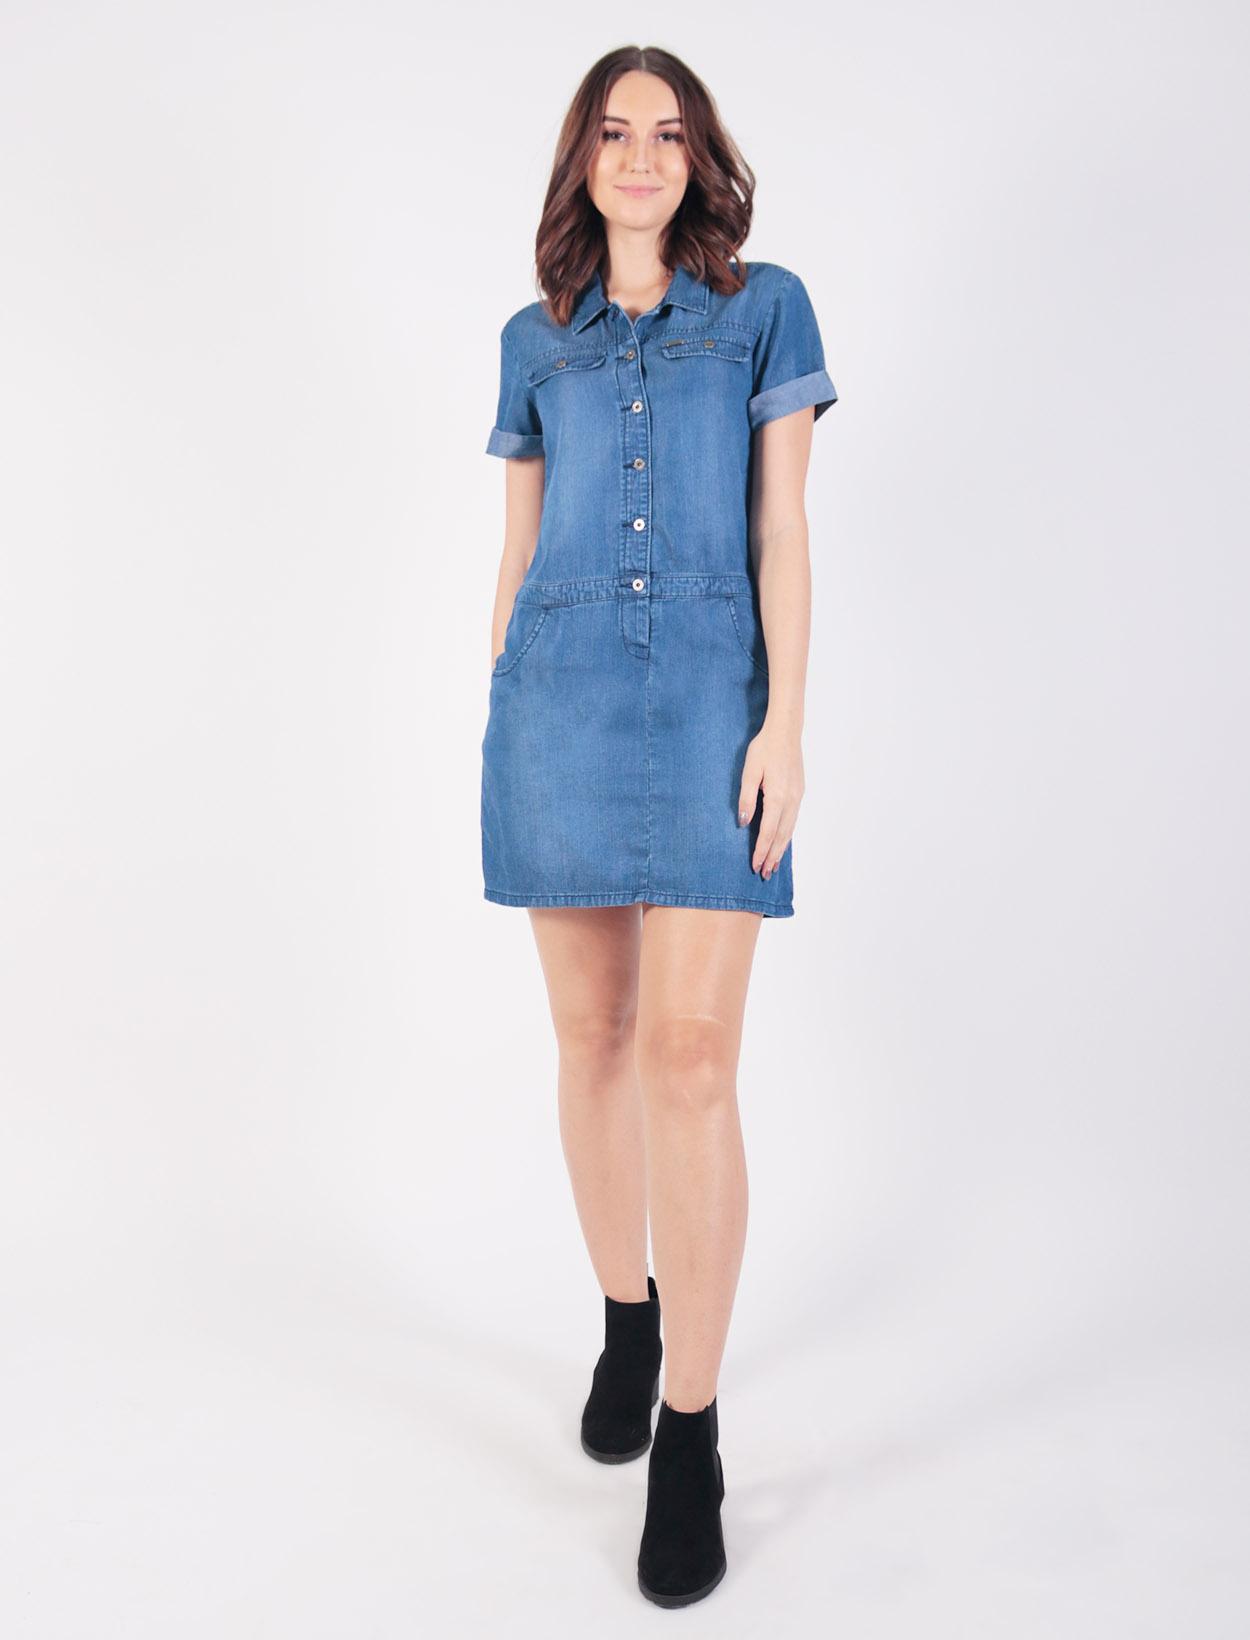 Denim Dress Online Shop Philippines - raveitsafe